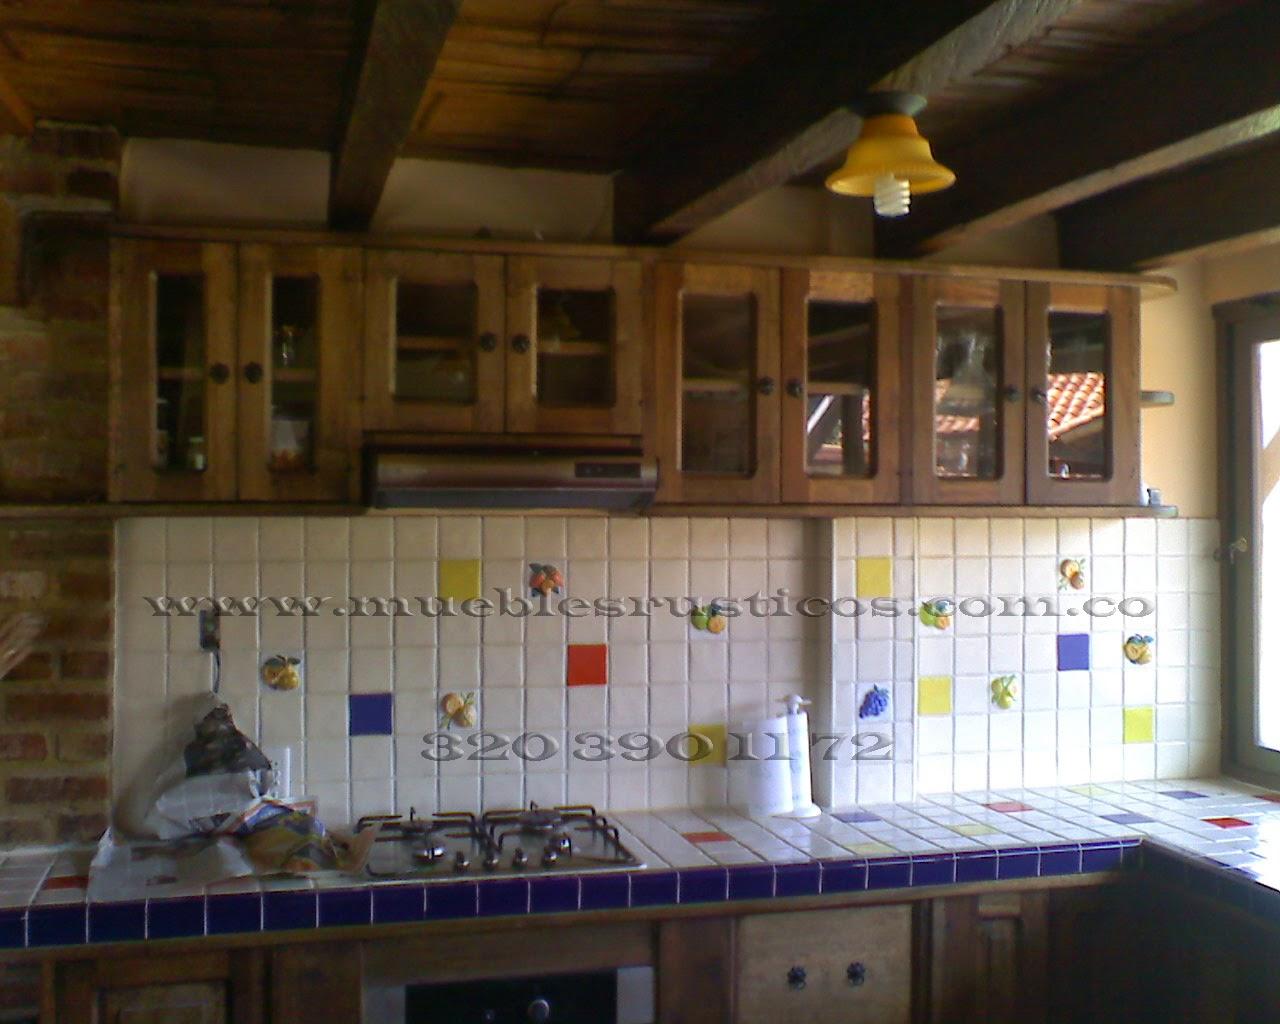 Muebles rusticos bogota cocinas integrales en madera for Cocinas integrales de madera